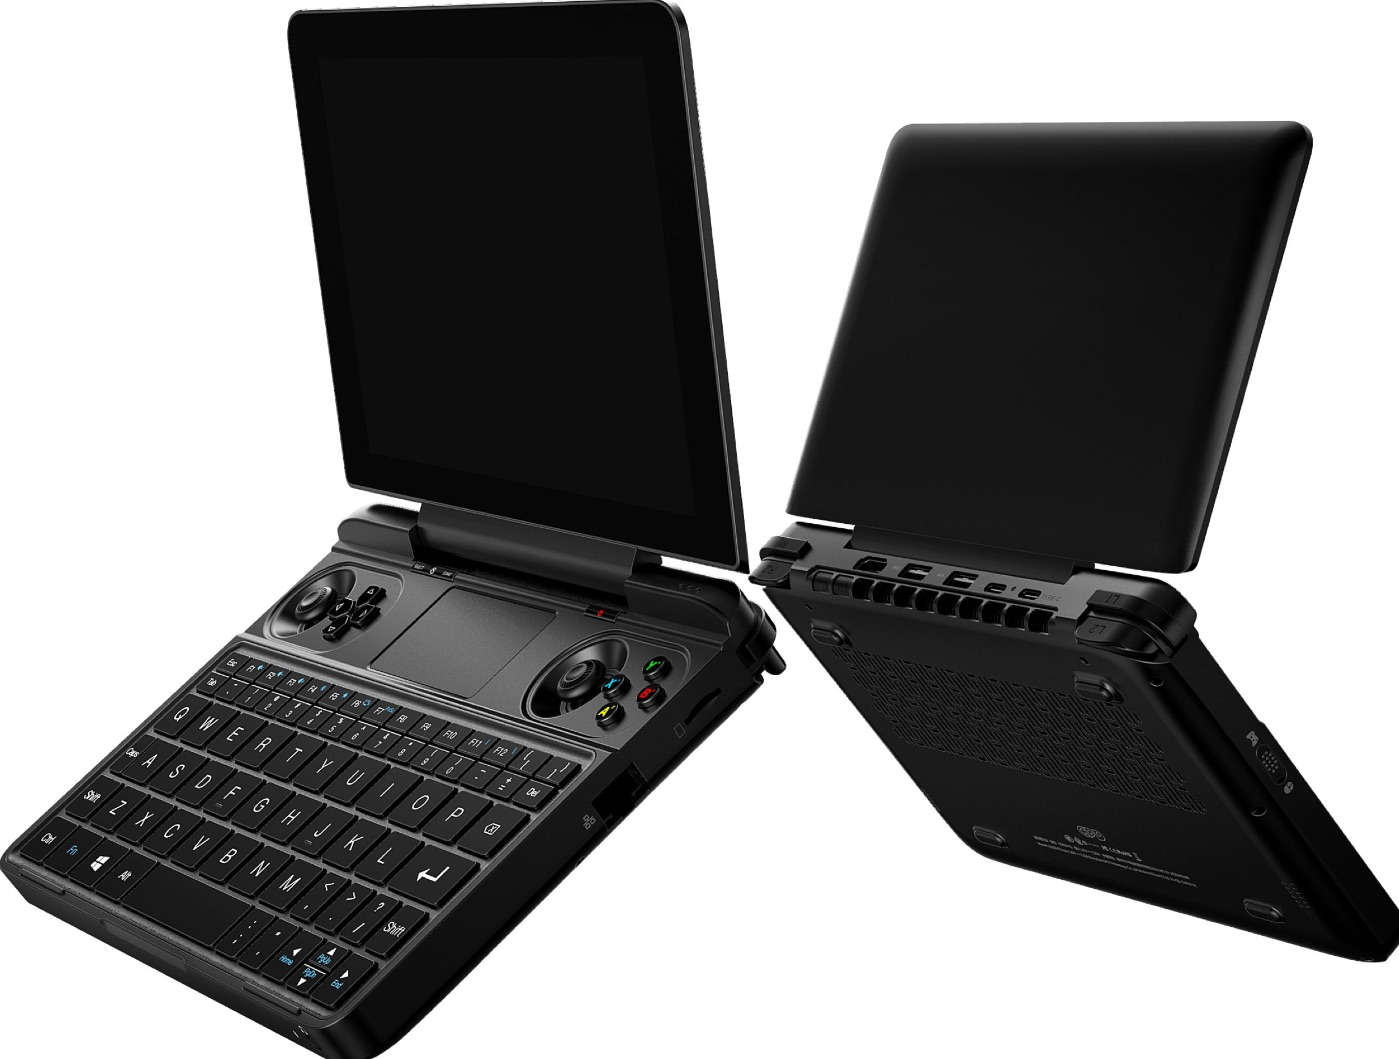 ゲーミング向け小型ノートPC「GPD WIN MAX」